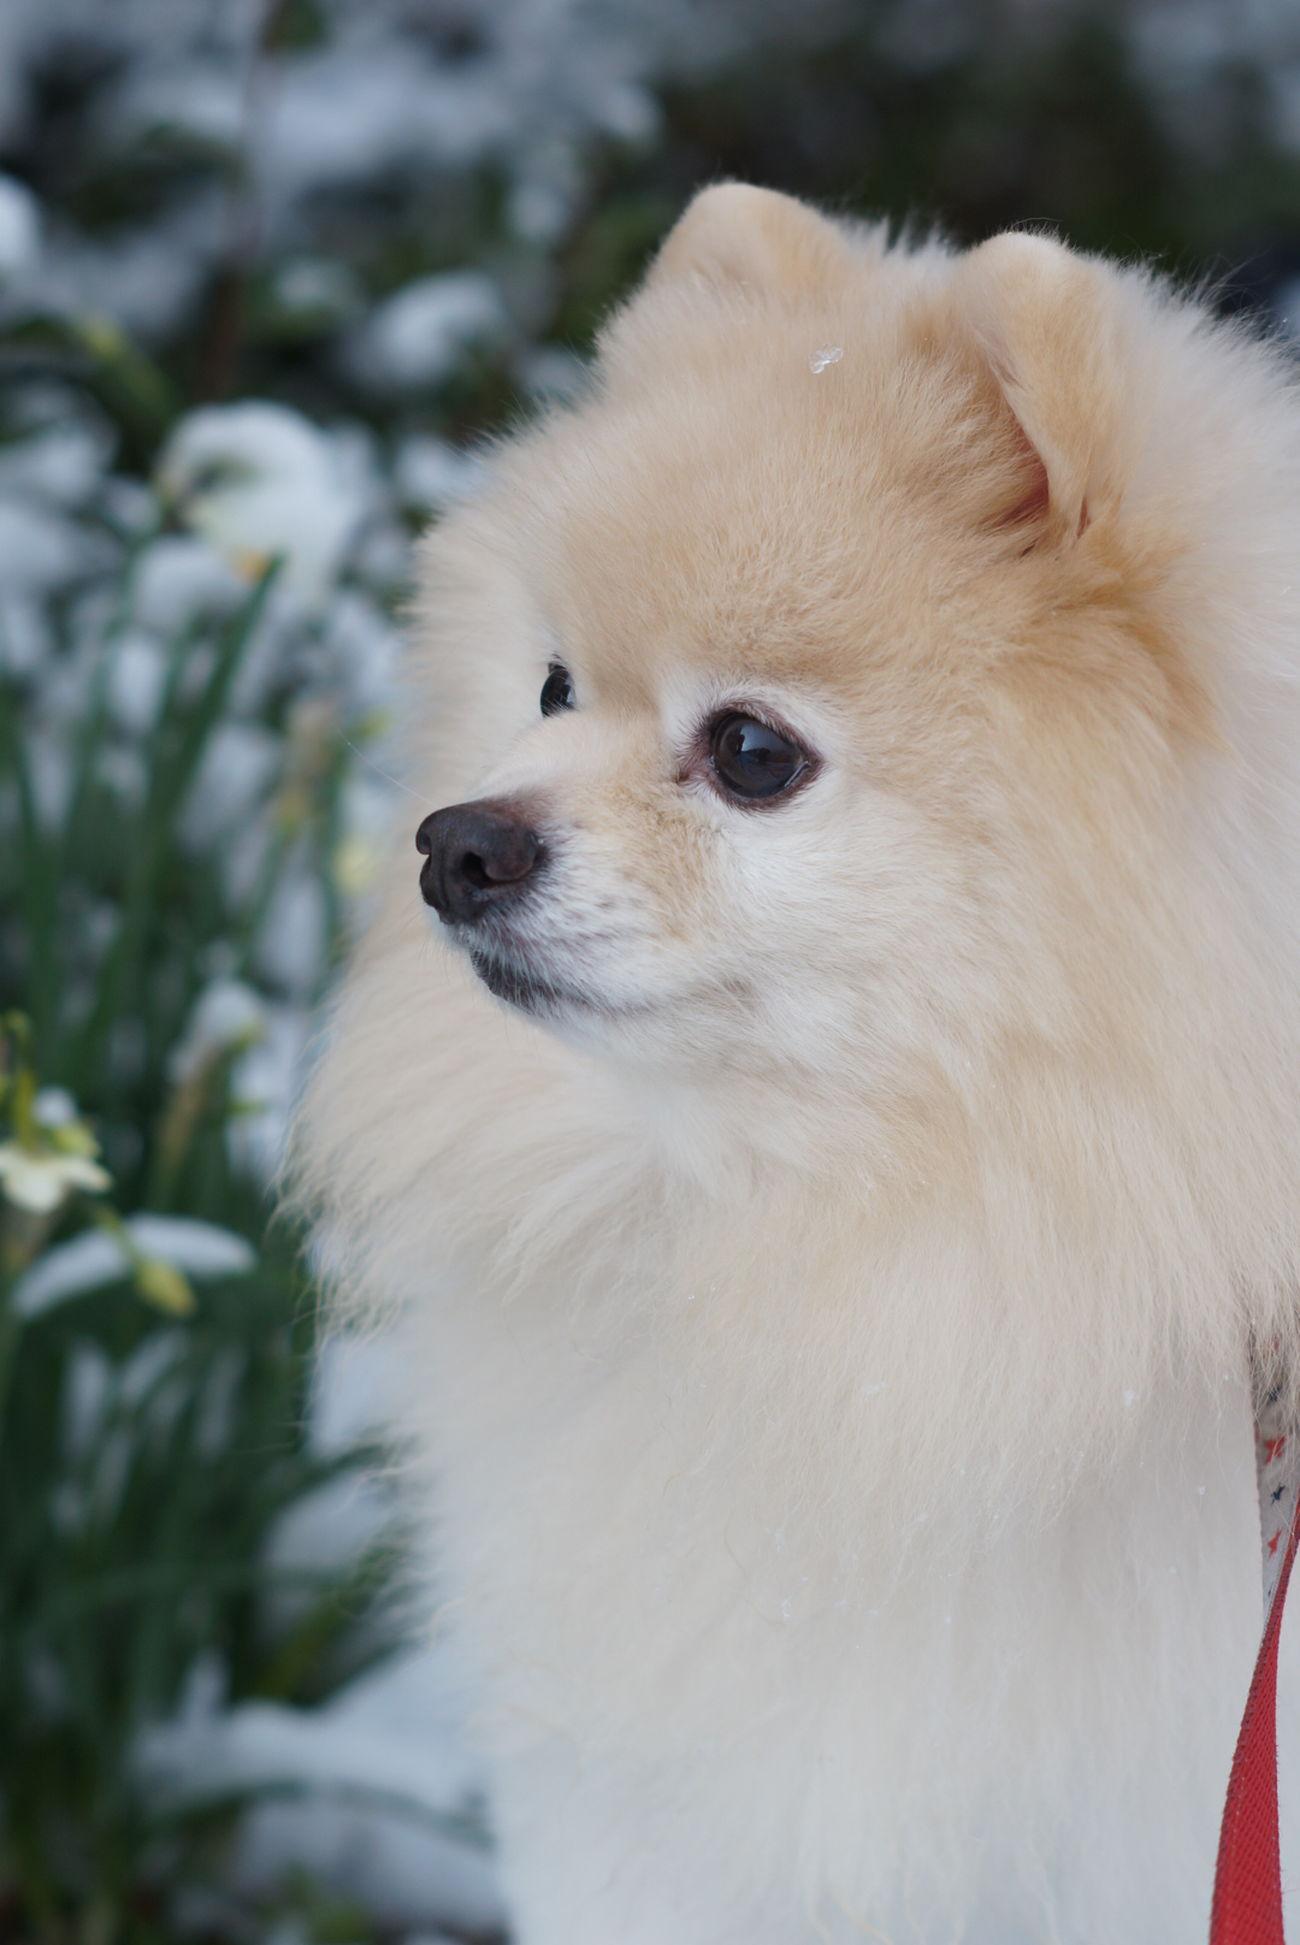 ポメラニアン Oldlens Mylovelydog EyeEm Dogs Nofilter Snow Sony Nex-5t Minolta58mmf14 オールドレンズ Pomeranian 雪 散歩